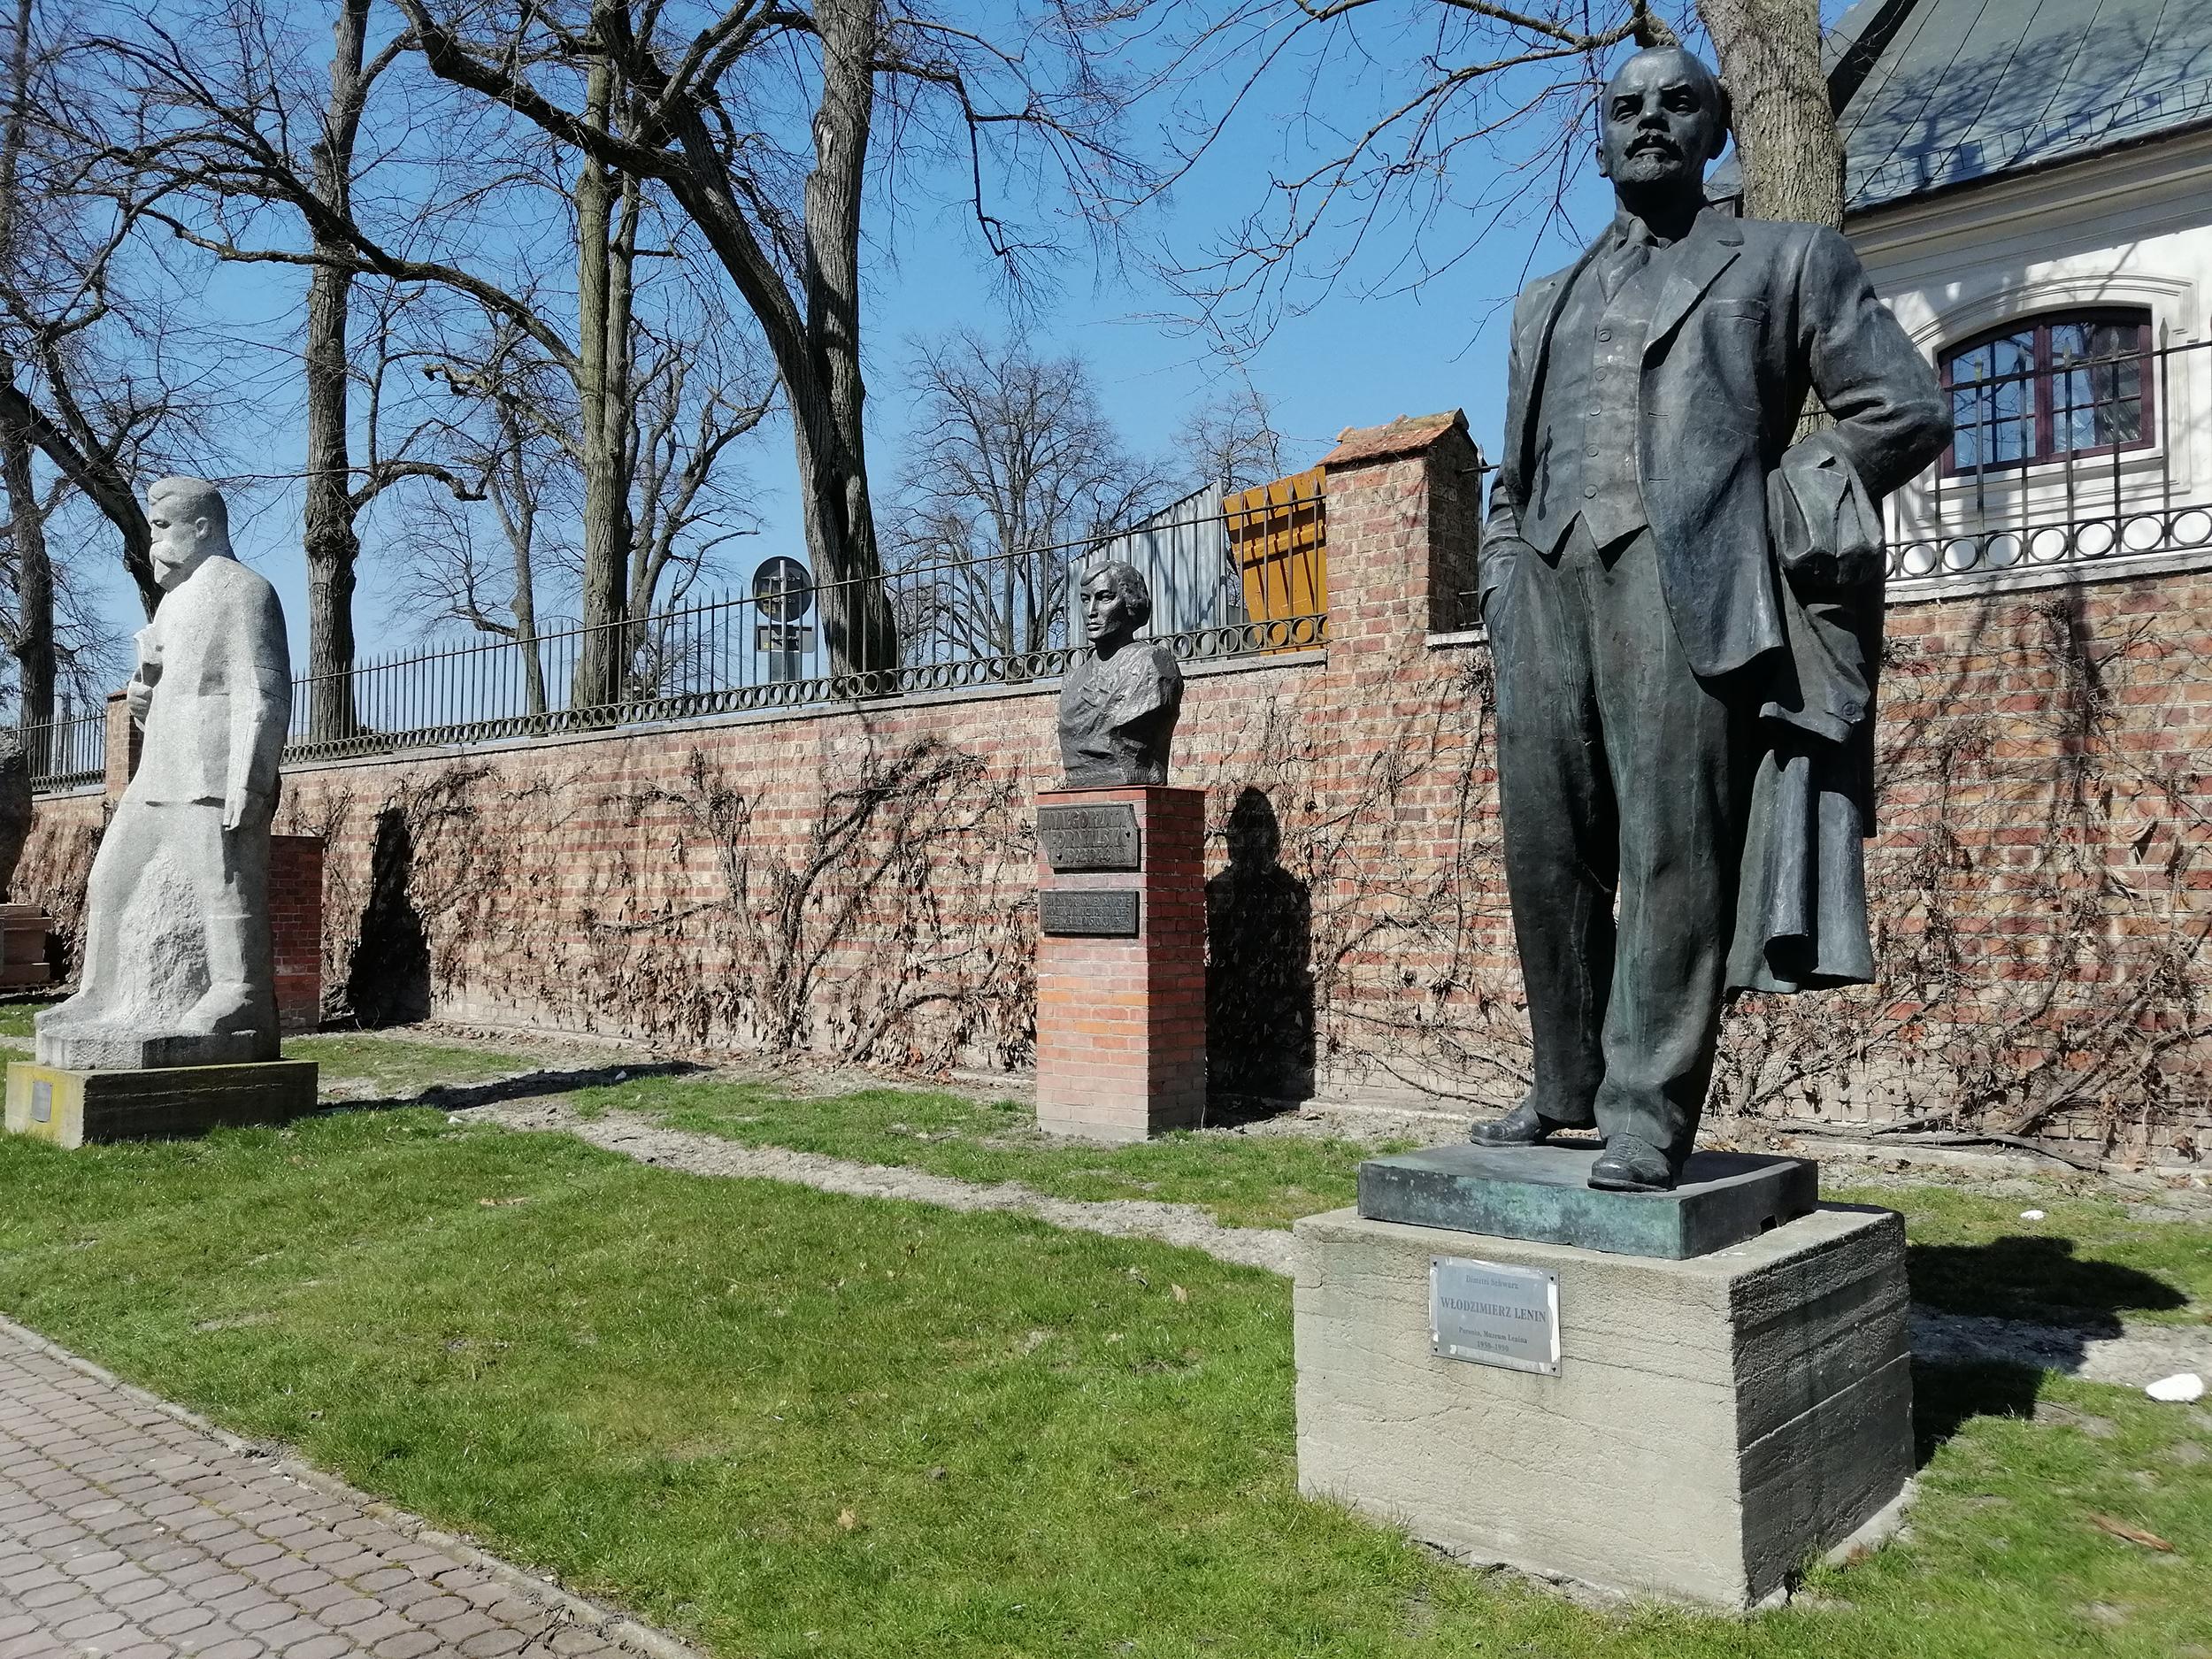 Fotografia. Pomnik Włodzimierza Lenina, postać całościowa. Rzeźba z brązu o wymiarach 260 x 120 x 75 cm ustawiona na betonowym postumencie z metalową tabliczką. Na tabliczce napis: Dimitri Schwarz, Włodzimierz Lenin, Poronin, Muzeum Lenina 1950-1990